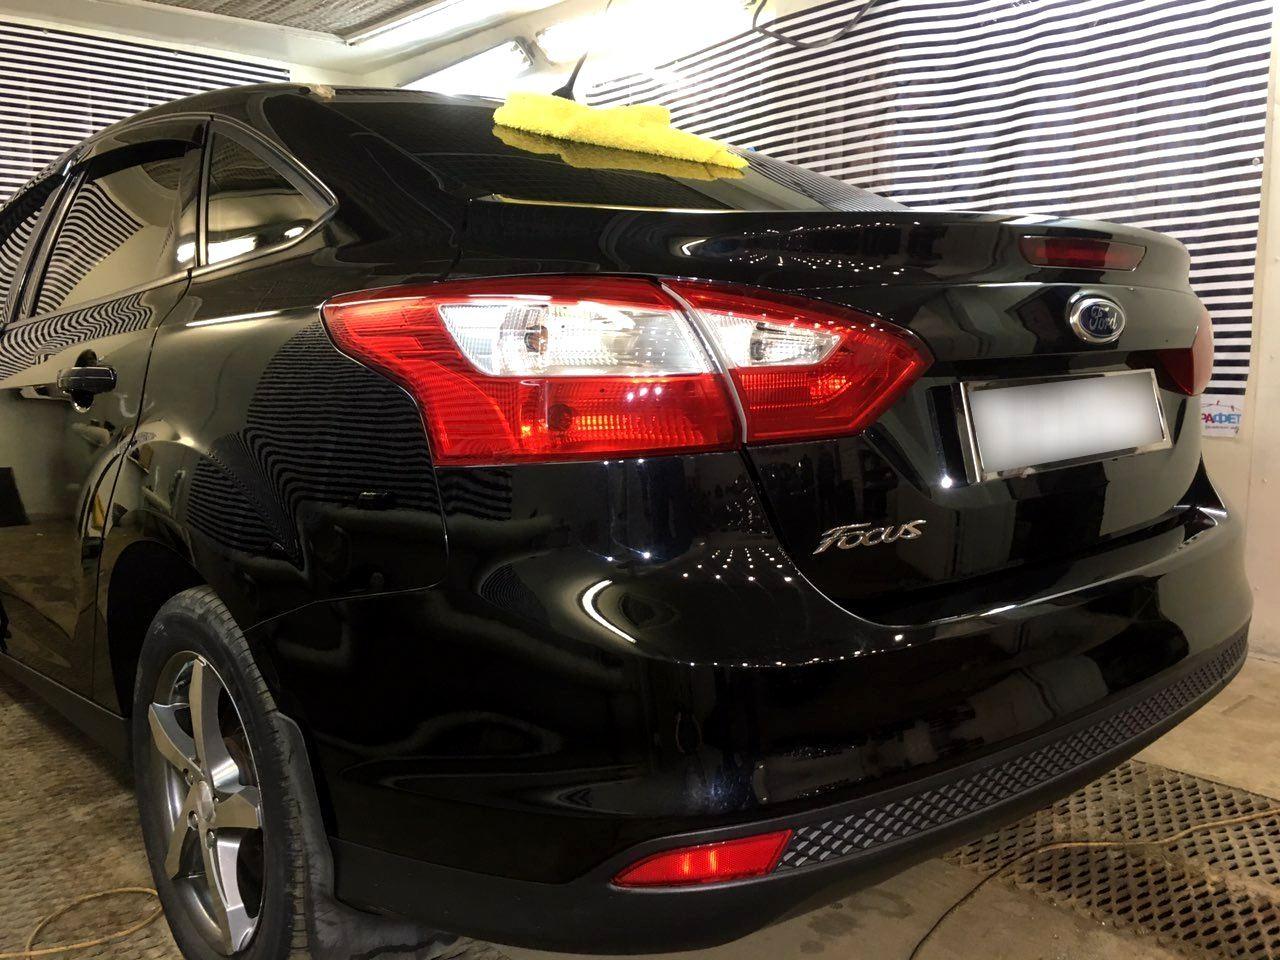 Детейлинг кузова Ford Focus и восстановление оптики